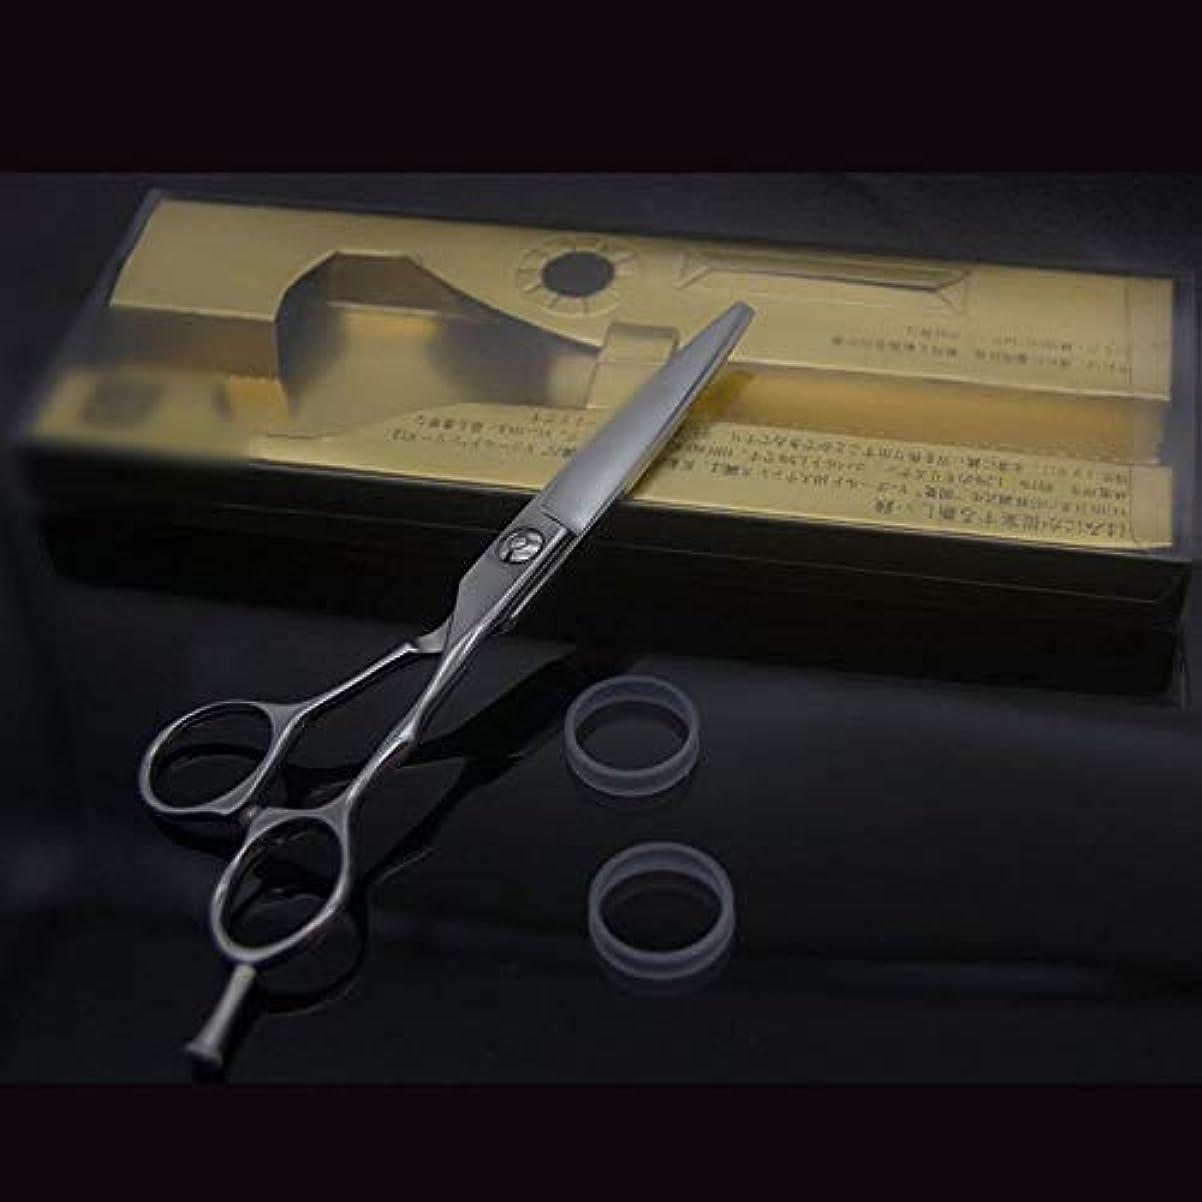 乱れ主権者インシュレータ6インチ美容院プロフェッショナル理髪はさみ、ハイグレード滑り止めフラットはさみ ヘアケア (色 : Silver)